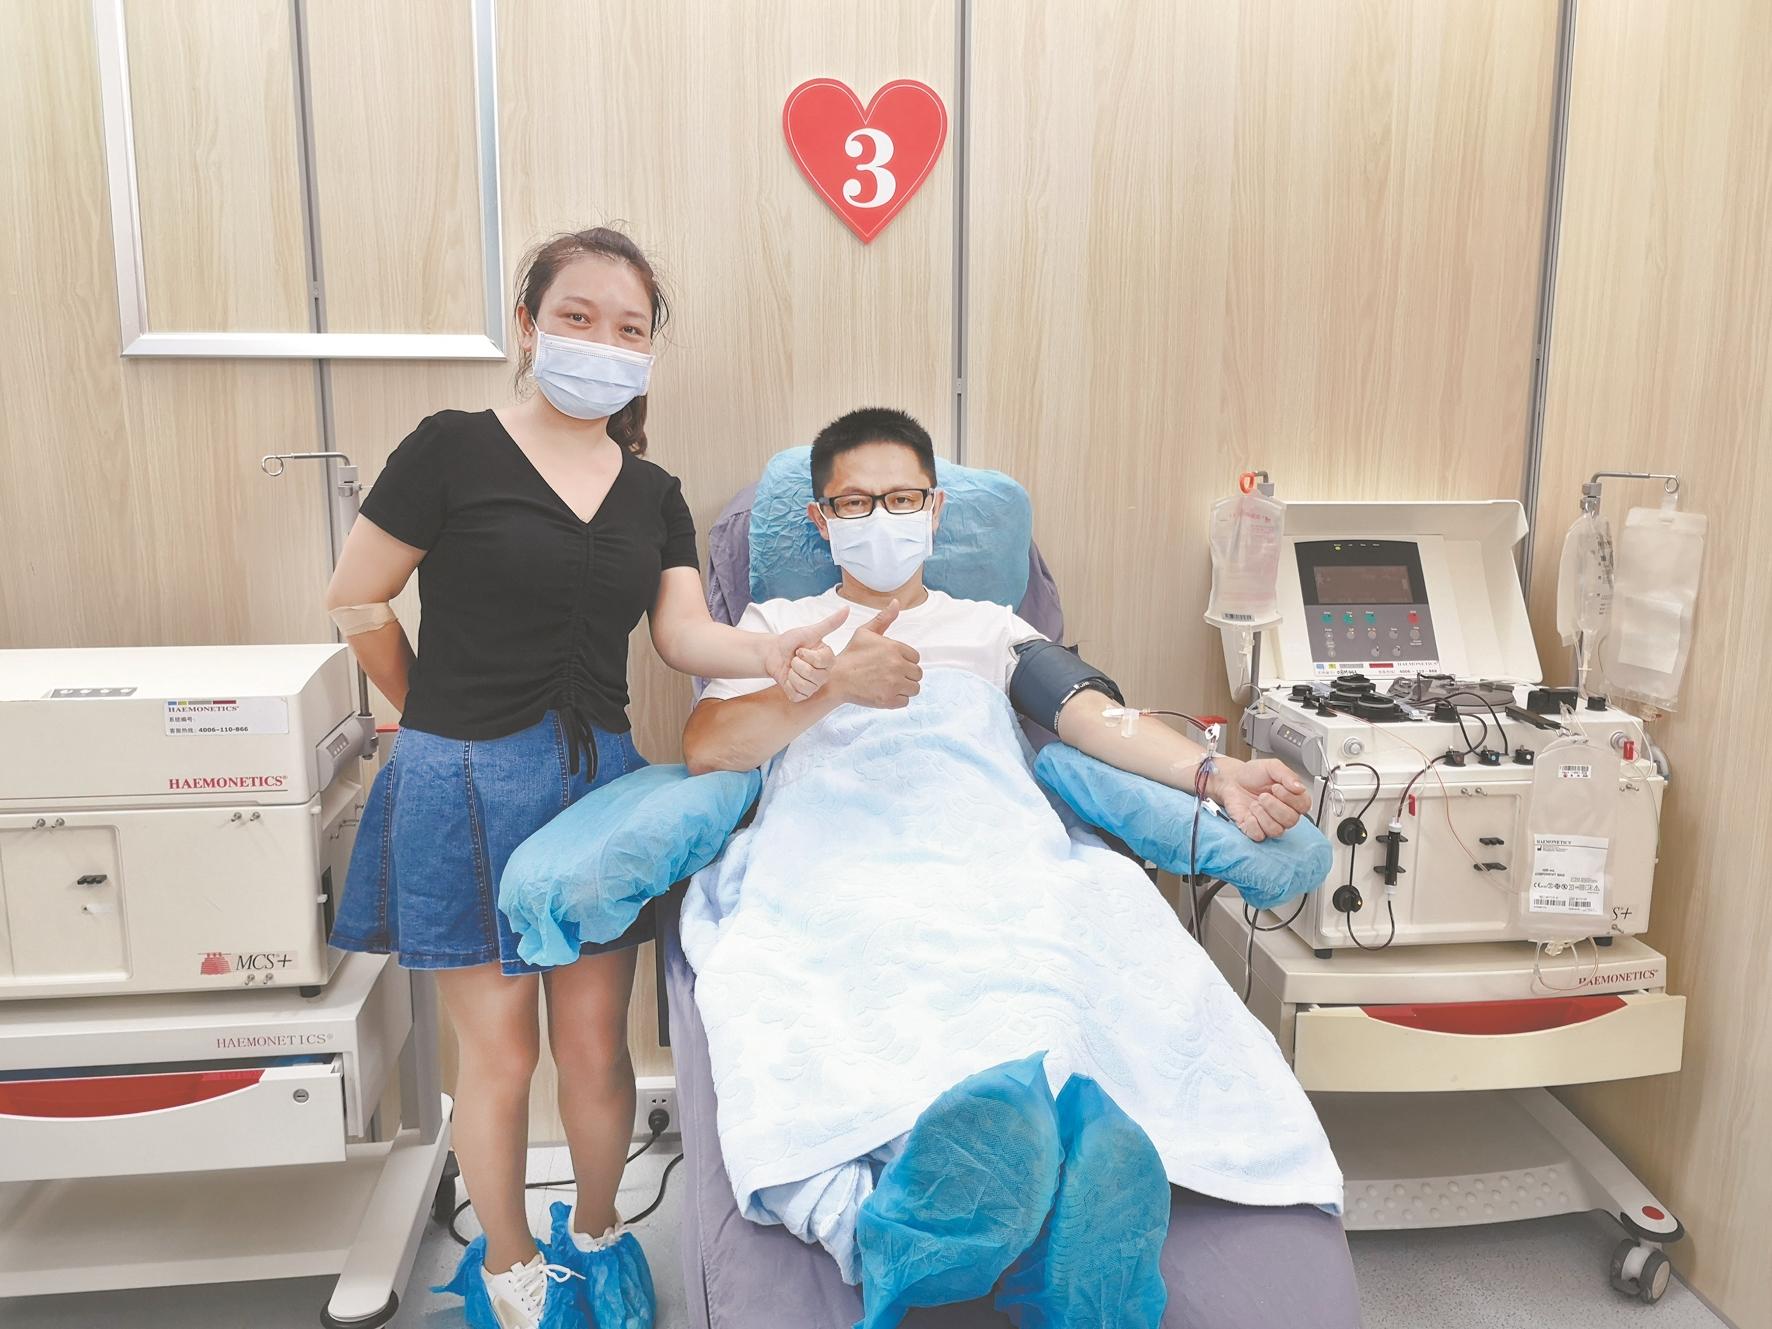 丈夫第12次捐恢复期血浆 妻子也完成了第38次献血 这对夫妻的约会好热血